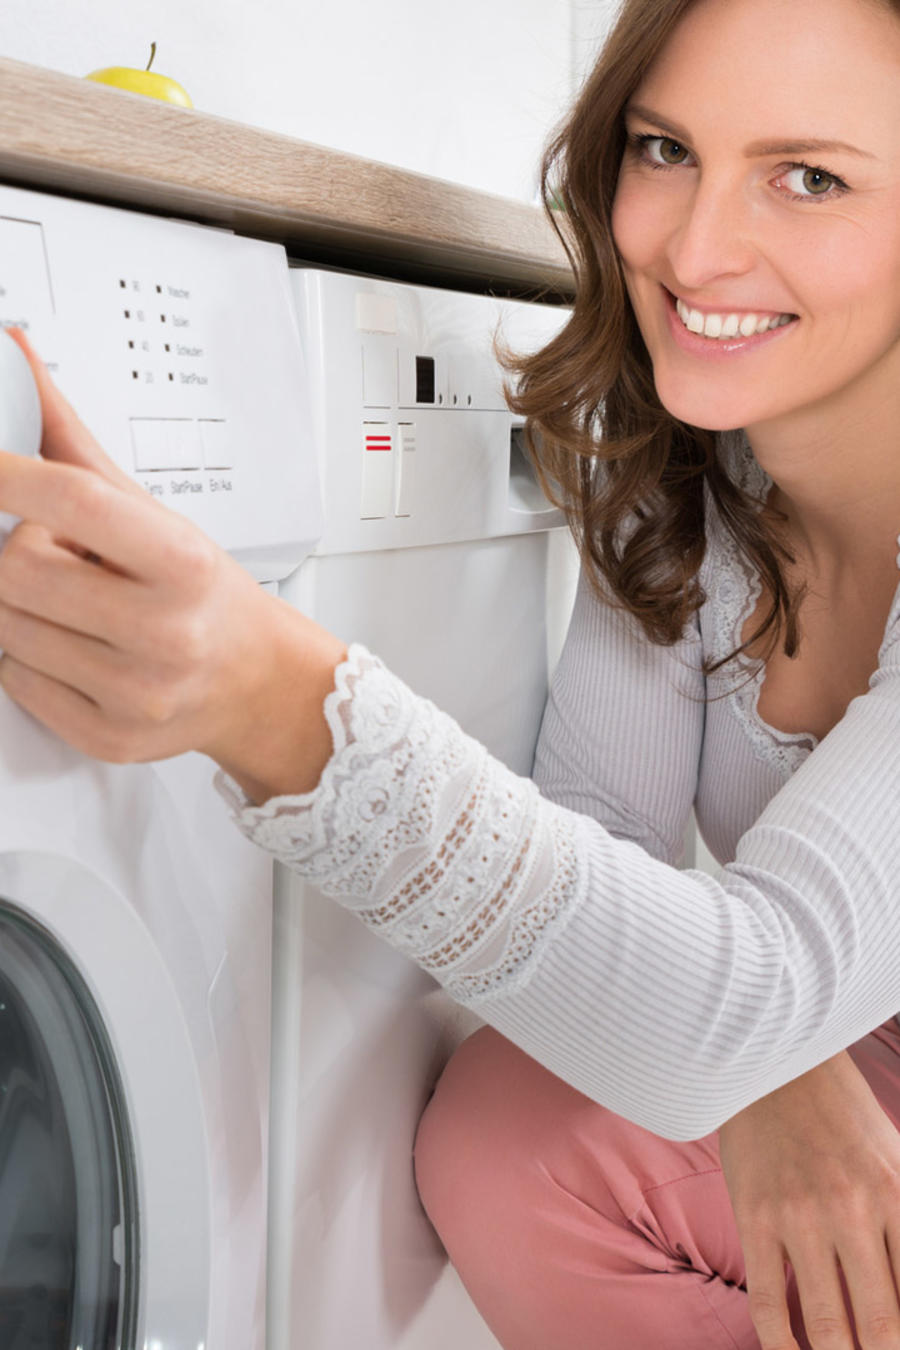 Mujer alistando la lavadora